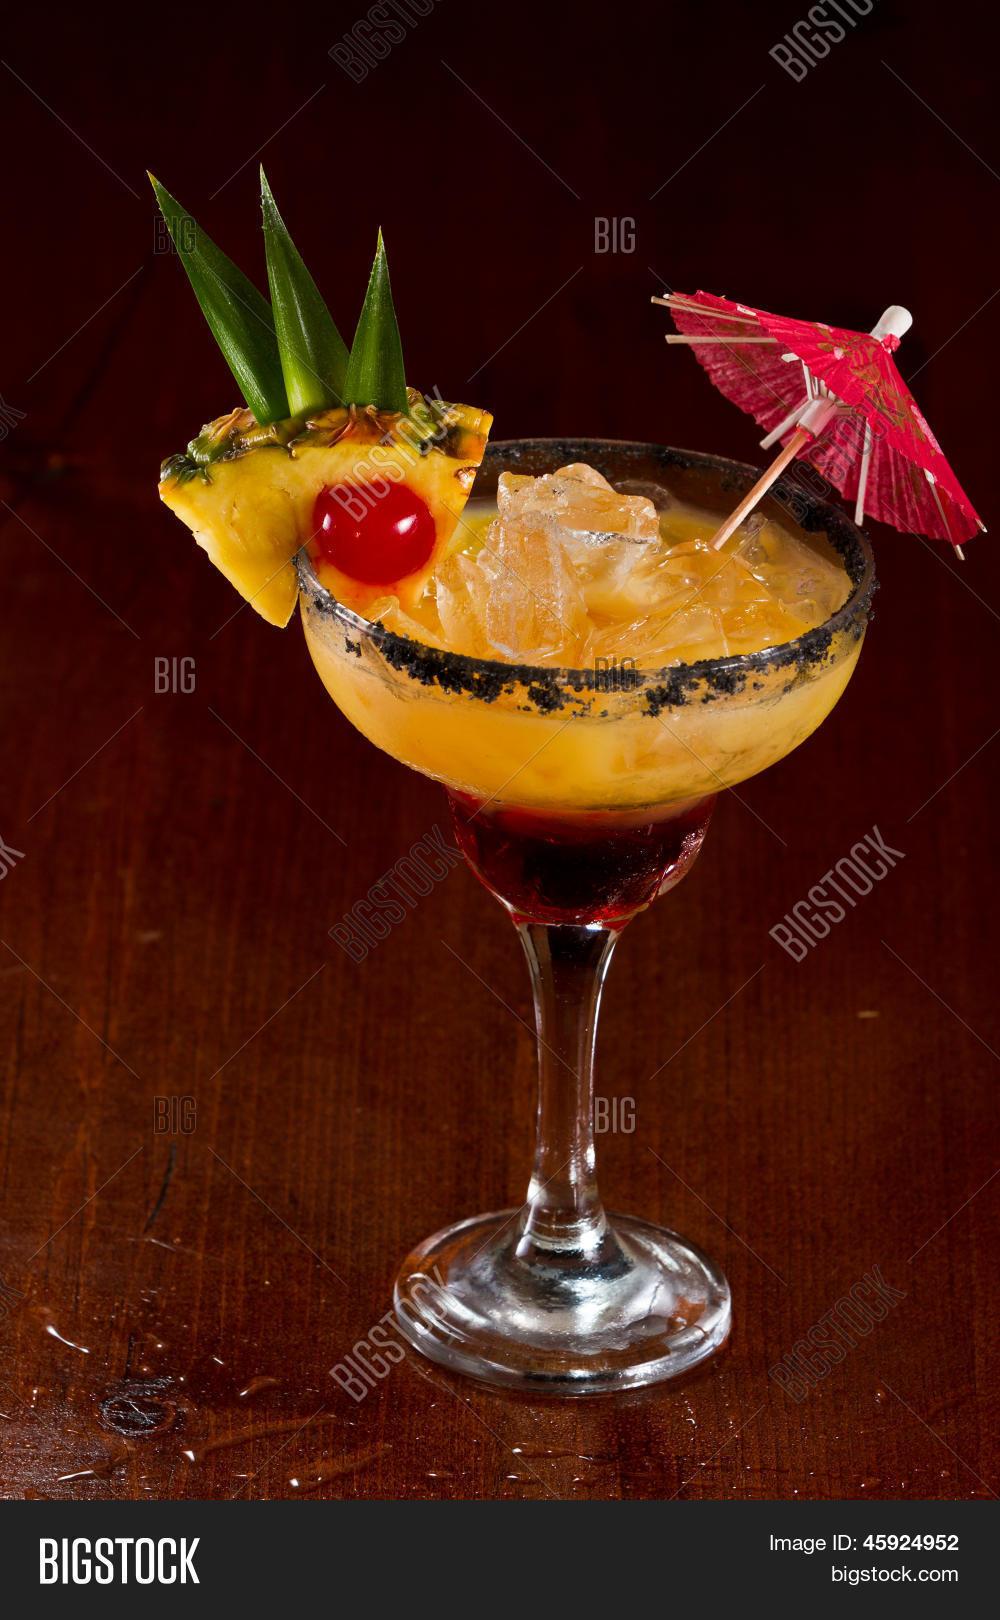 Hecho A Mano Navidad Placas signos presenta Regalos Cumpleaños bebida Funny alcohol